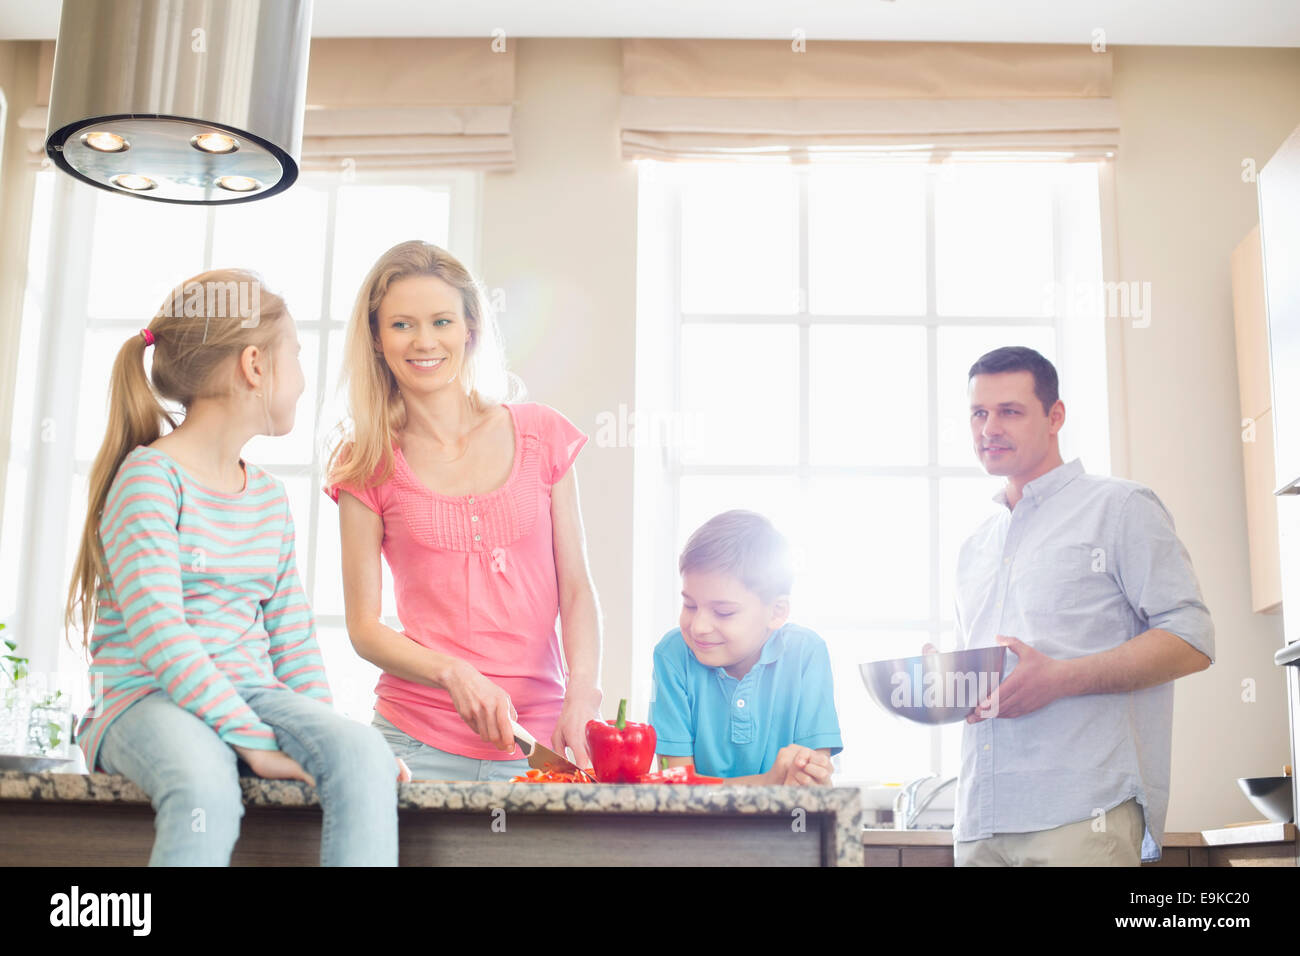 Recette de famille Photo Stock